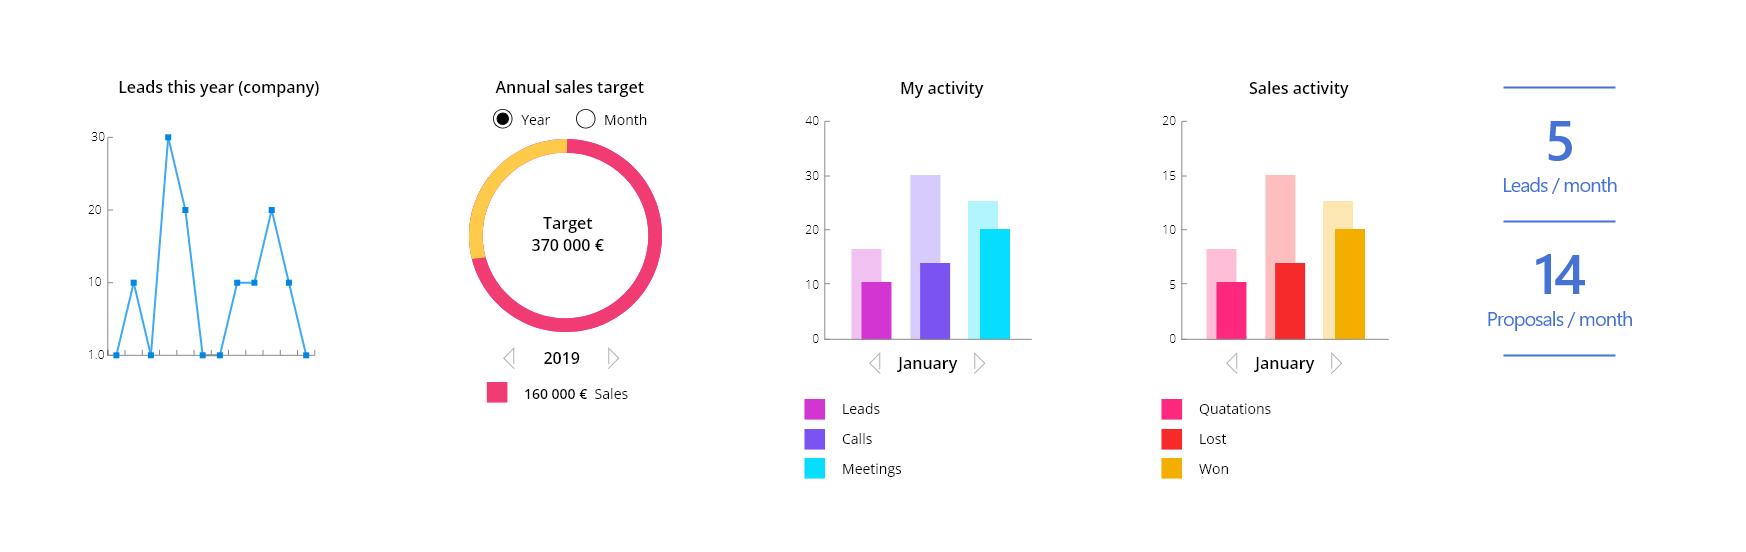 Data näytettynä graafisessa muodossa